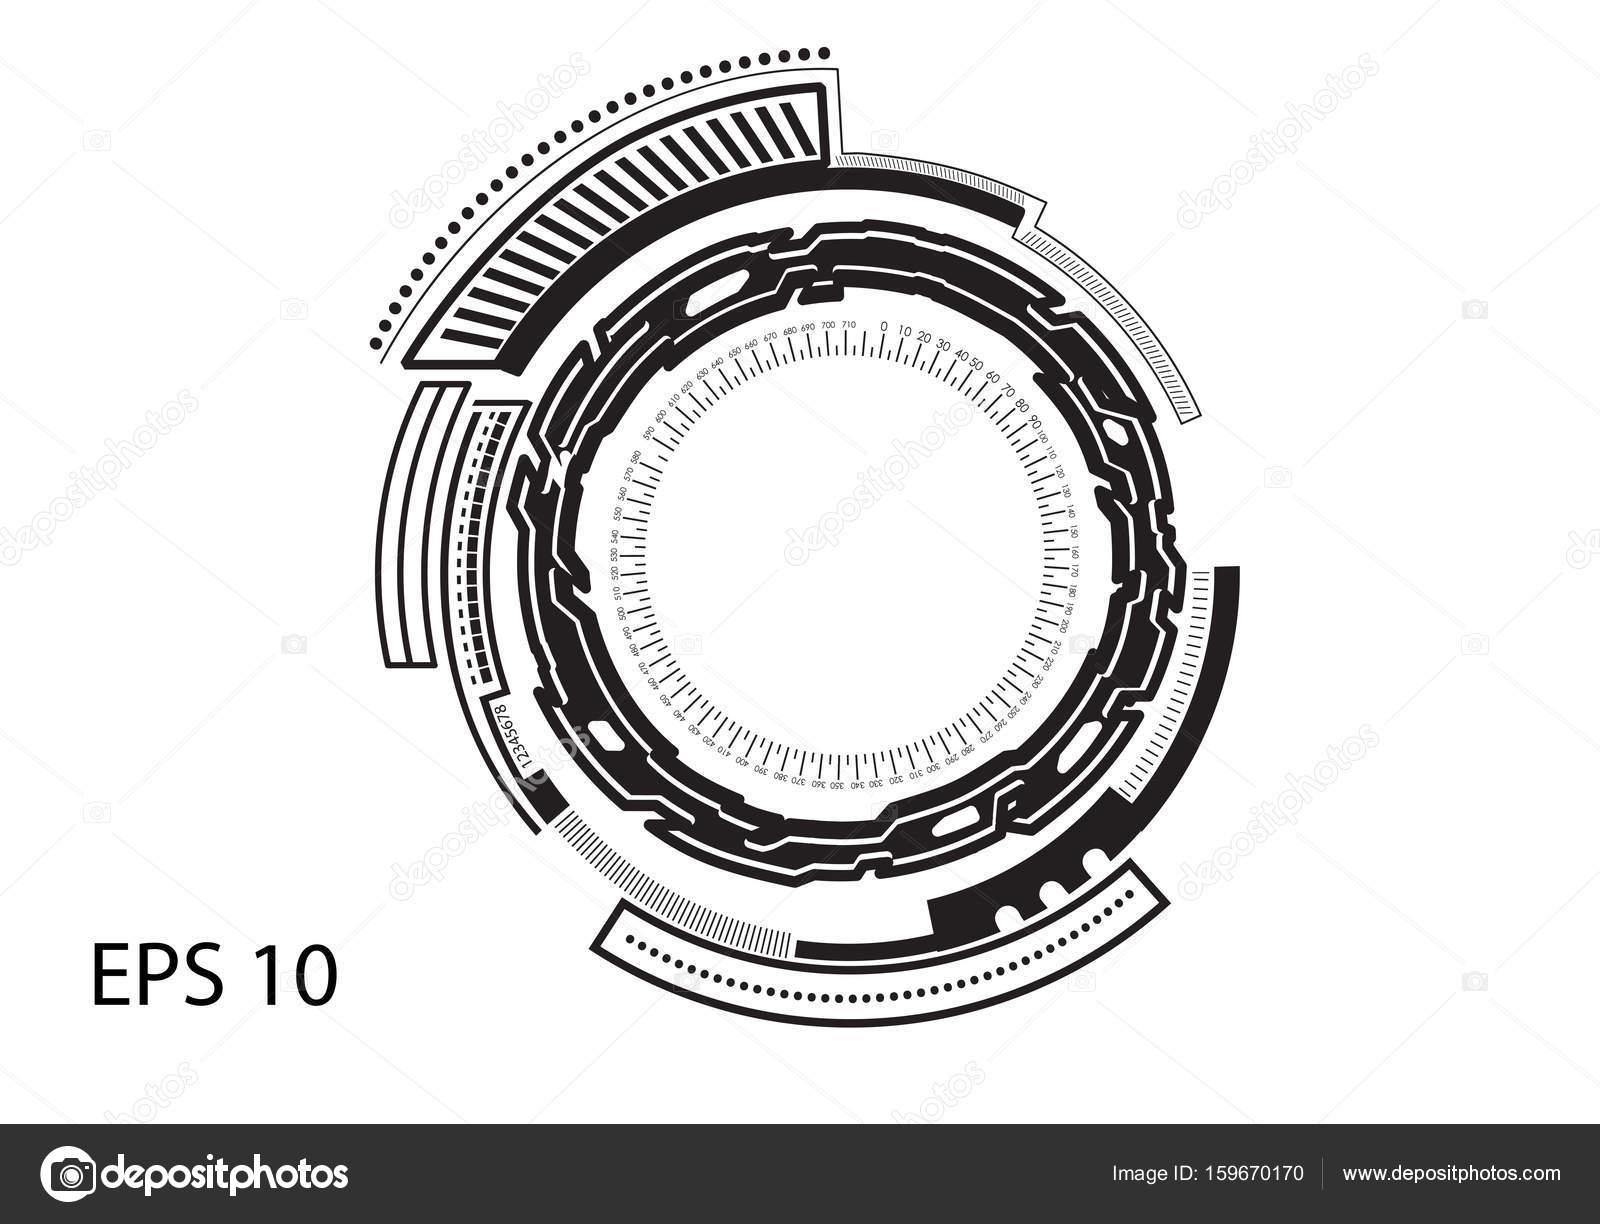 Beyaz Arka Plan üzerinde Yuvarlak Logosu Stok Vektör